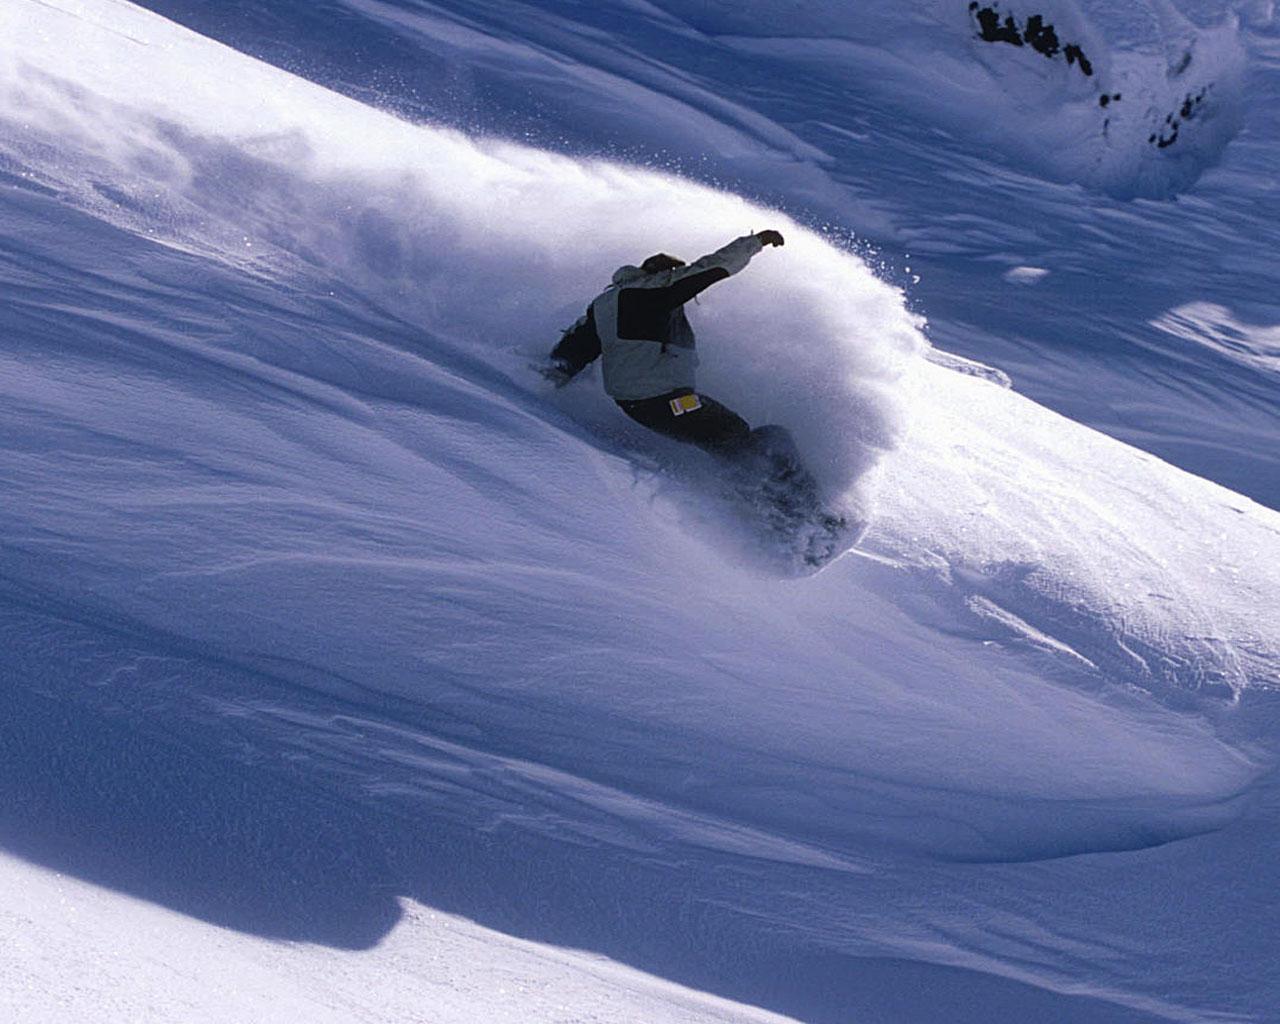 Snowboarding Iphone Background Quotes. QuotesGram